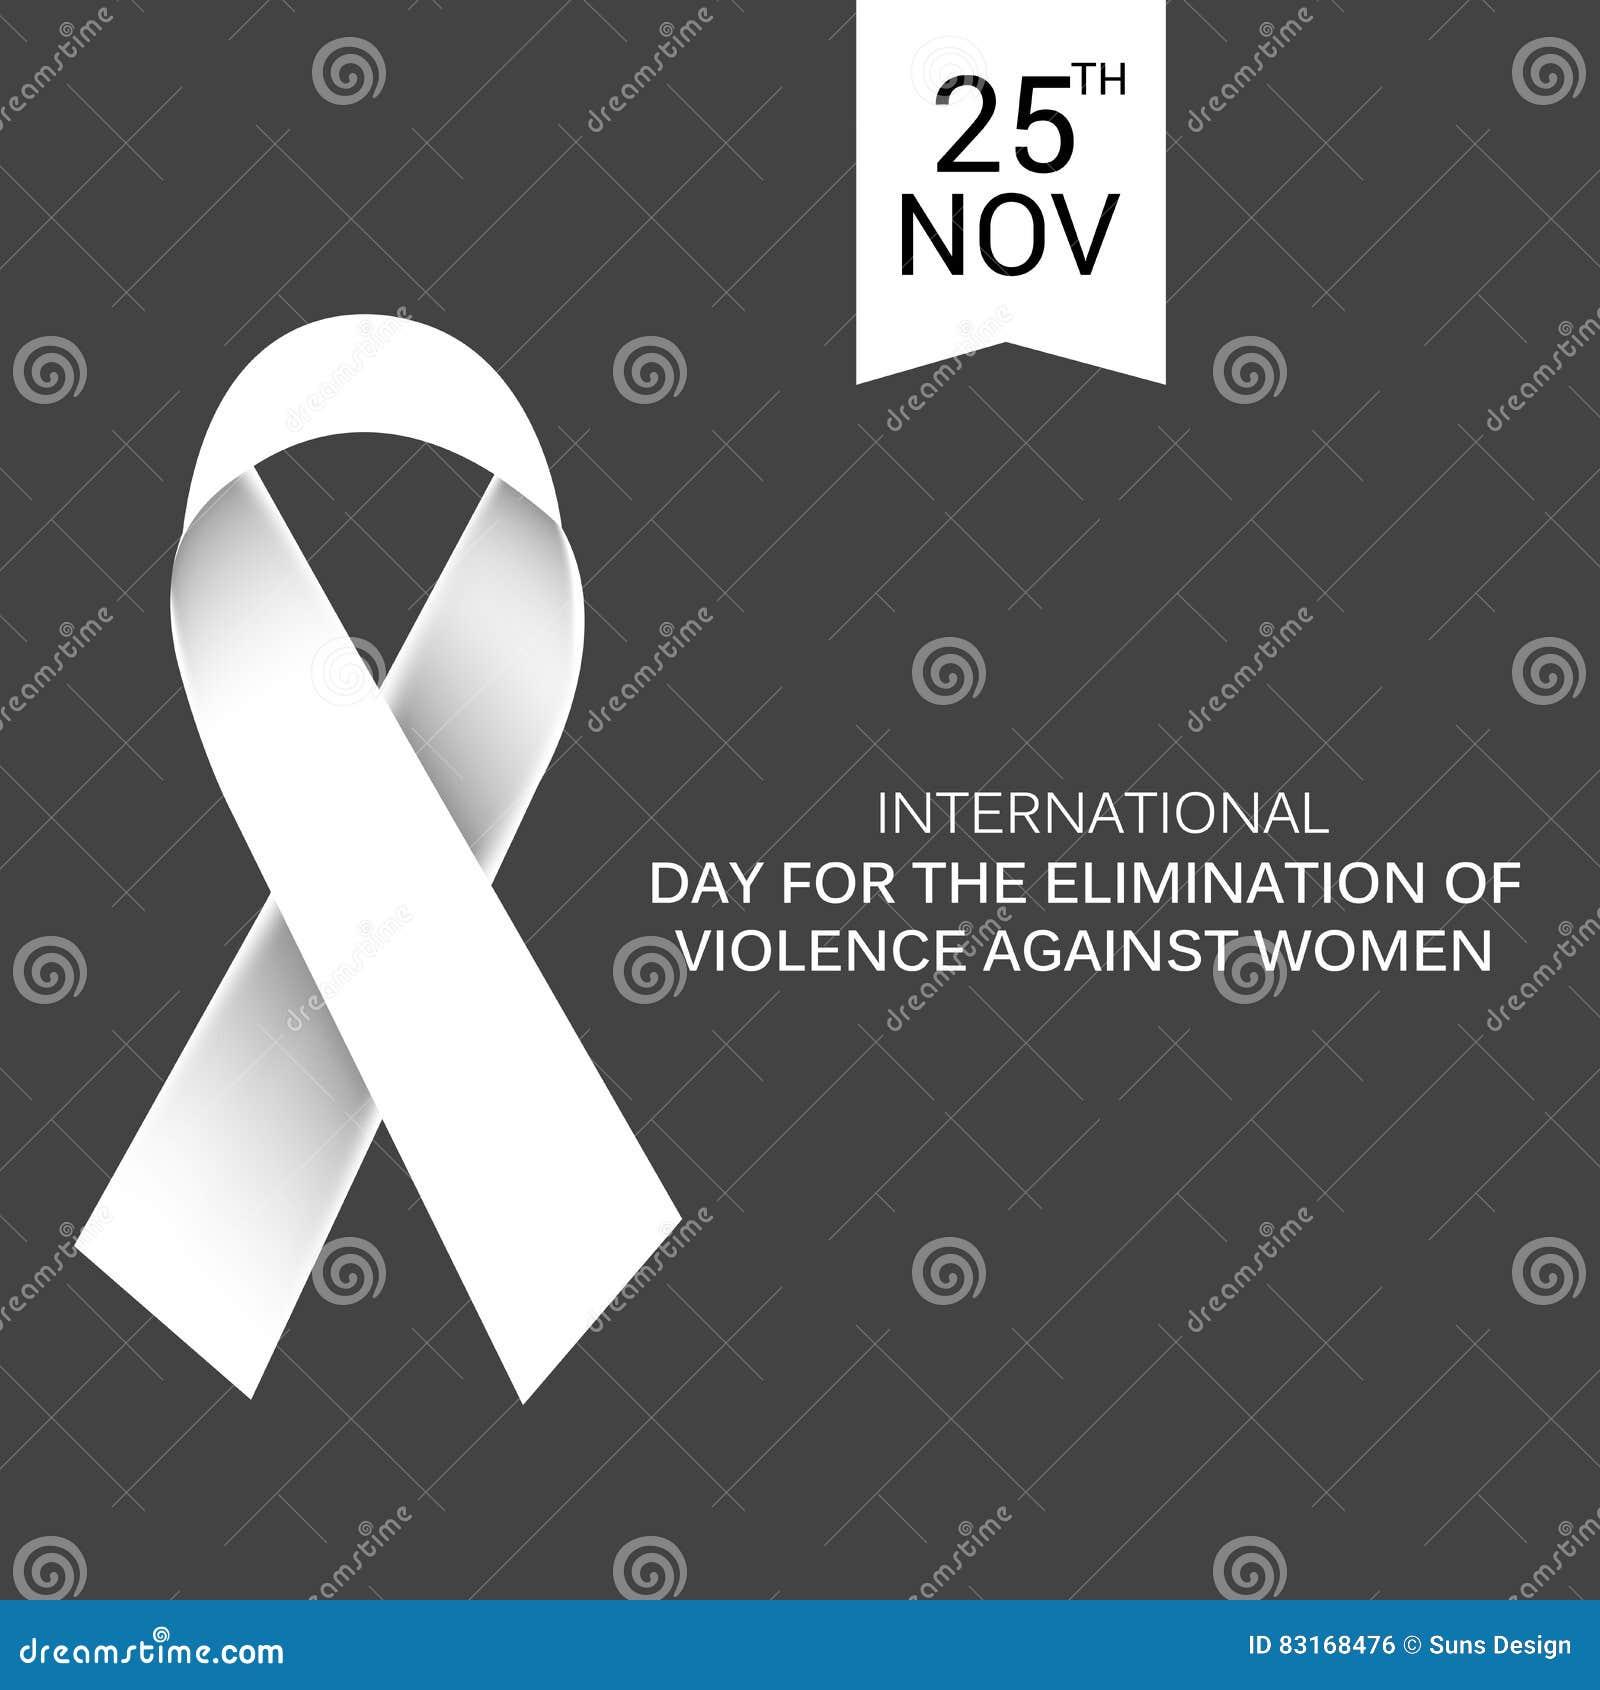 International day for the elimination of violence against women international day for the elimination of violence against women positive lonely buycottarizona Choice Image